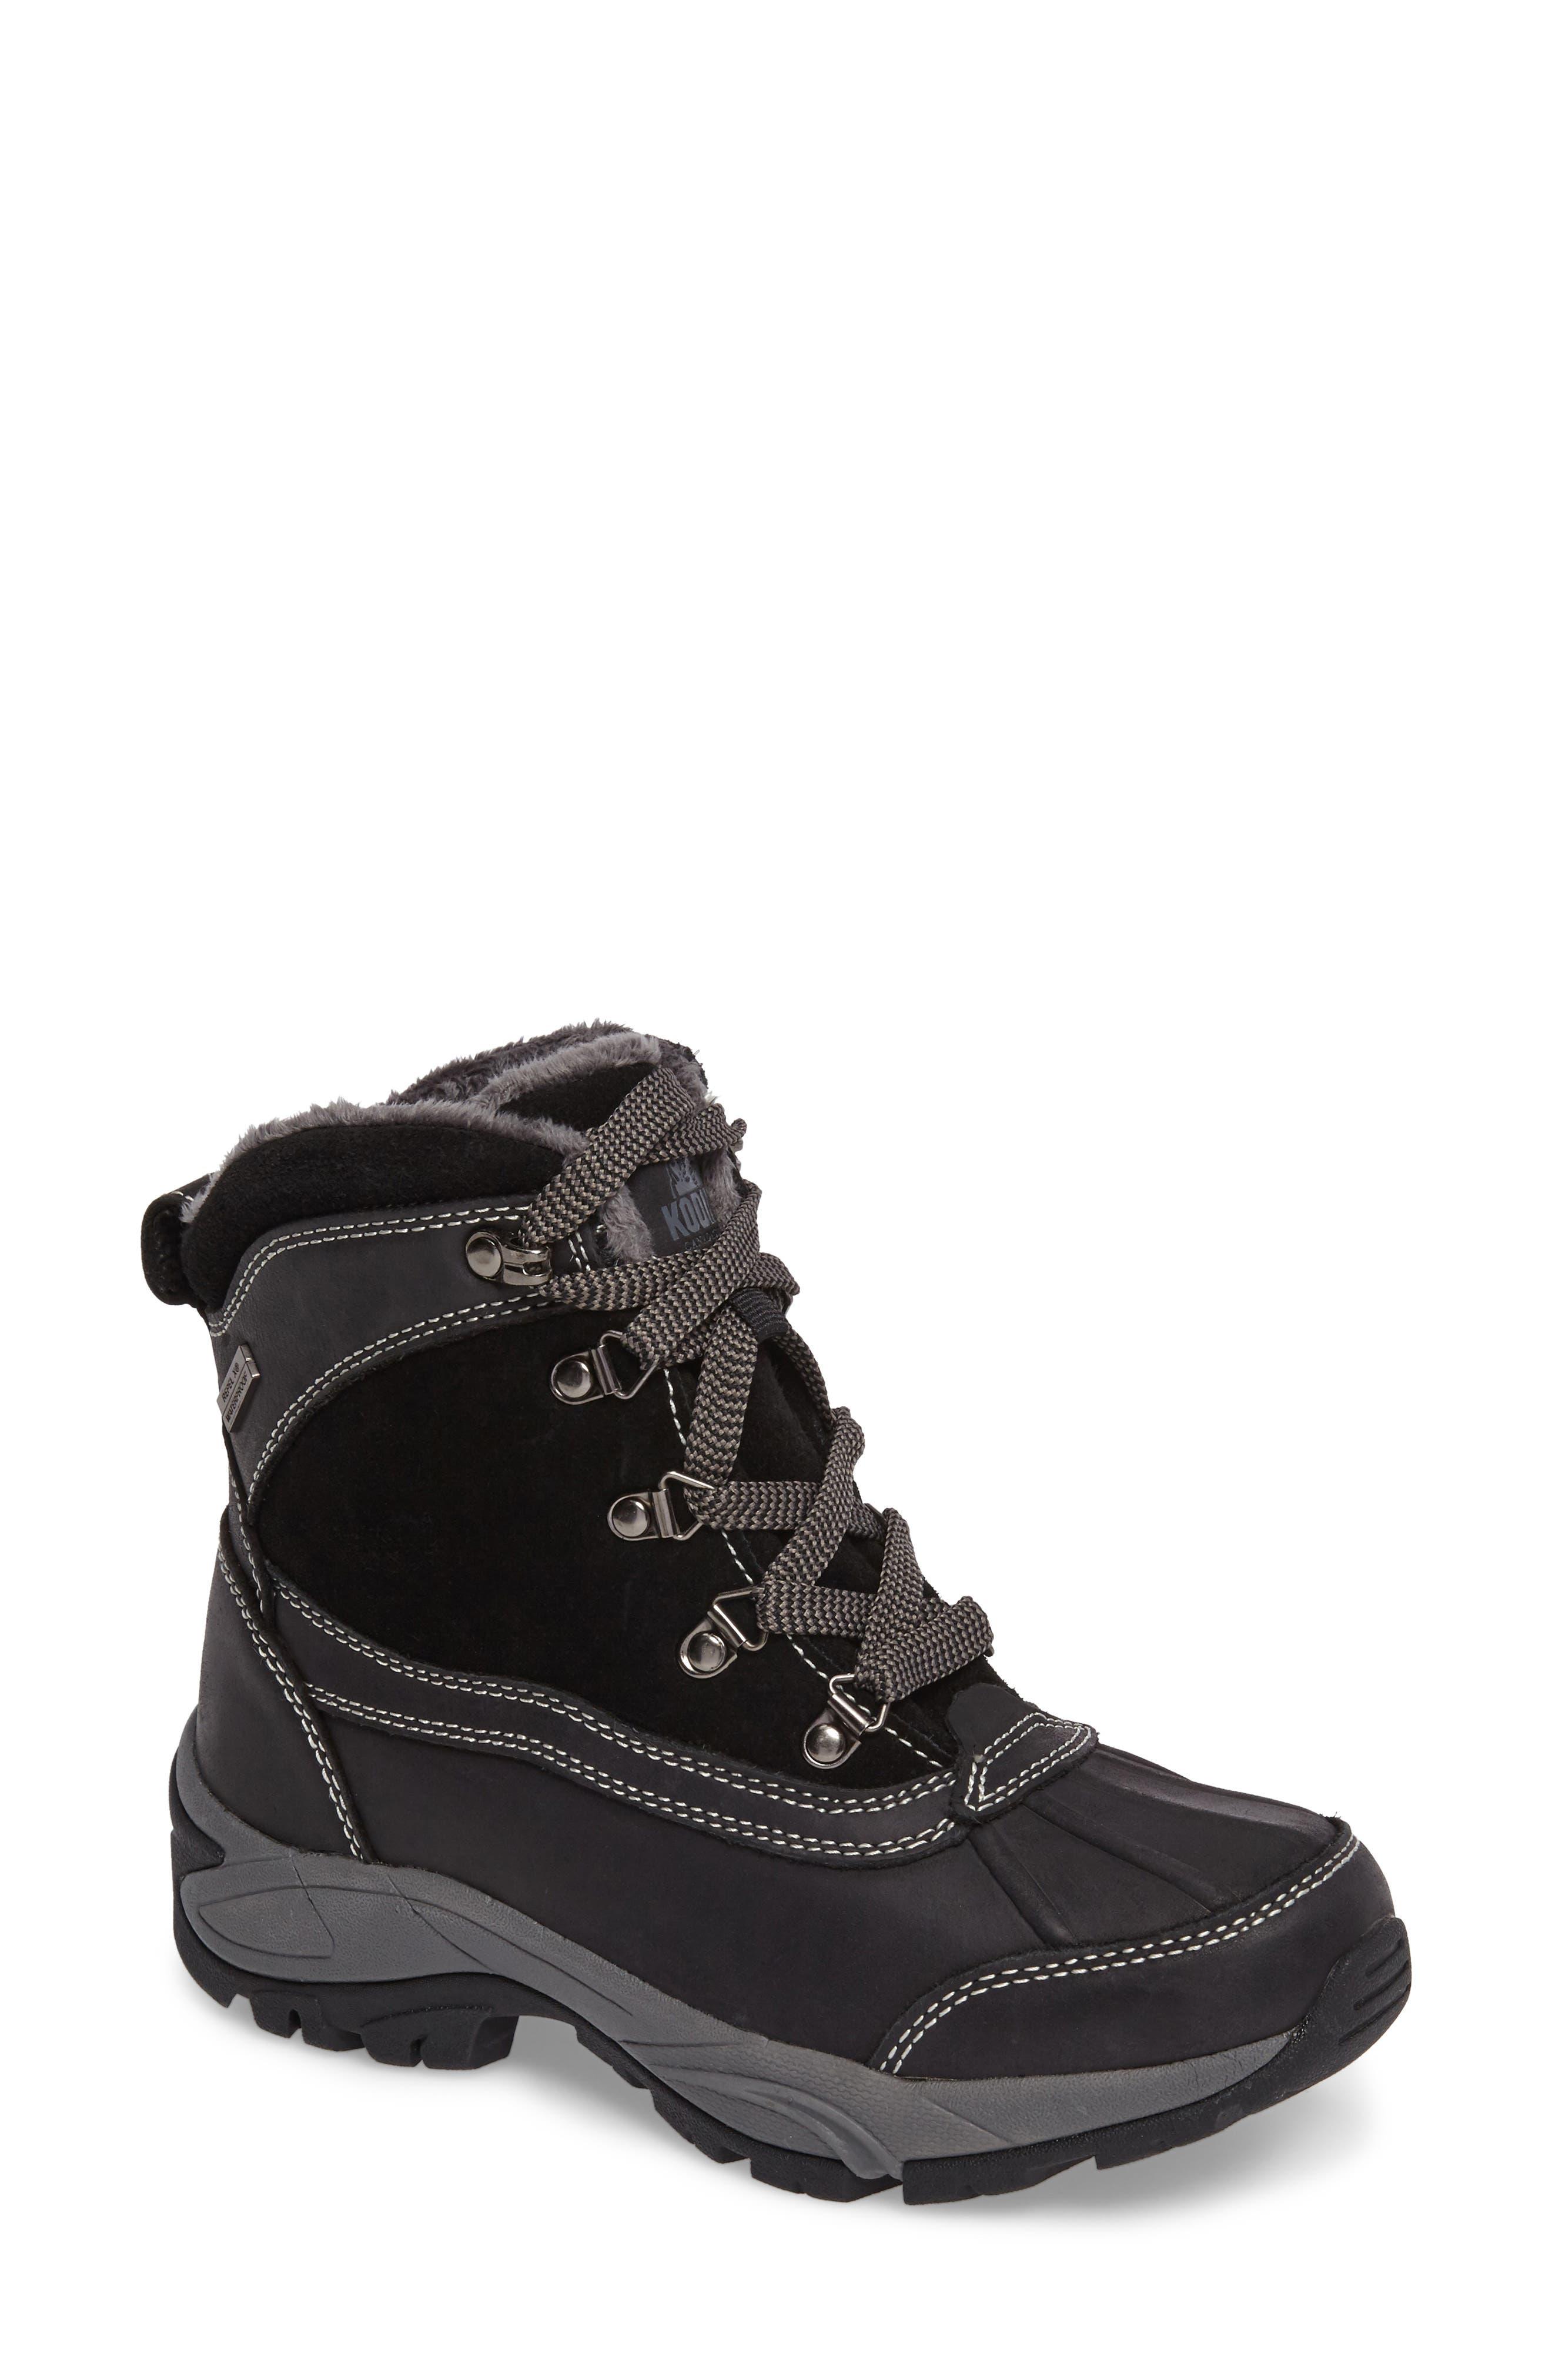 Main Image - Kodiak 'Renee' Waterproof Insulated Winter Boot (Women)